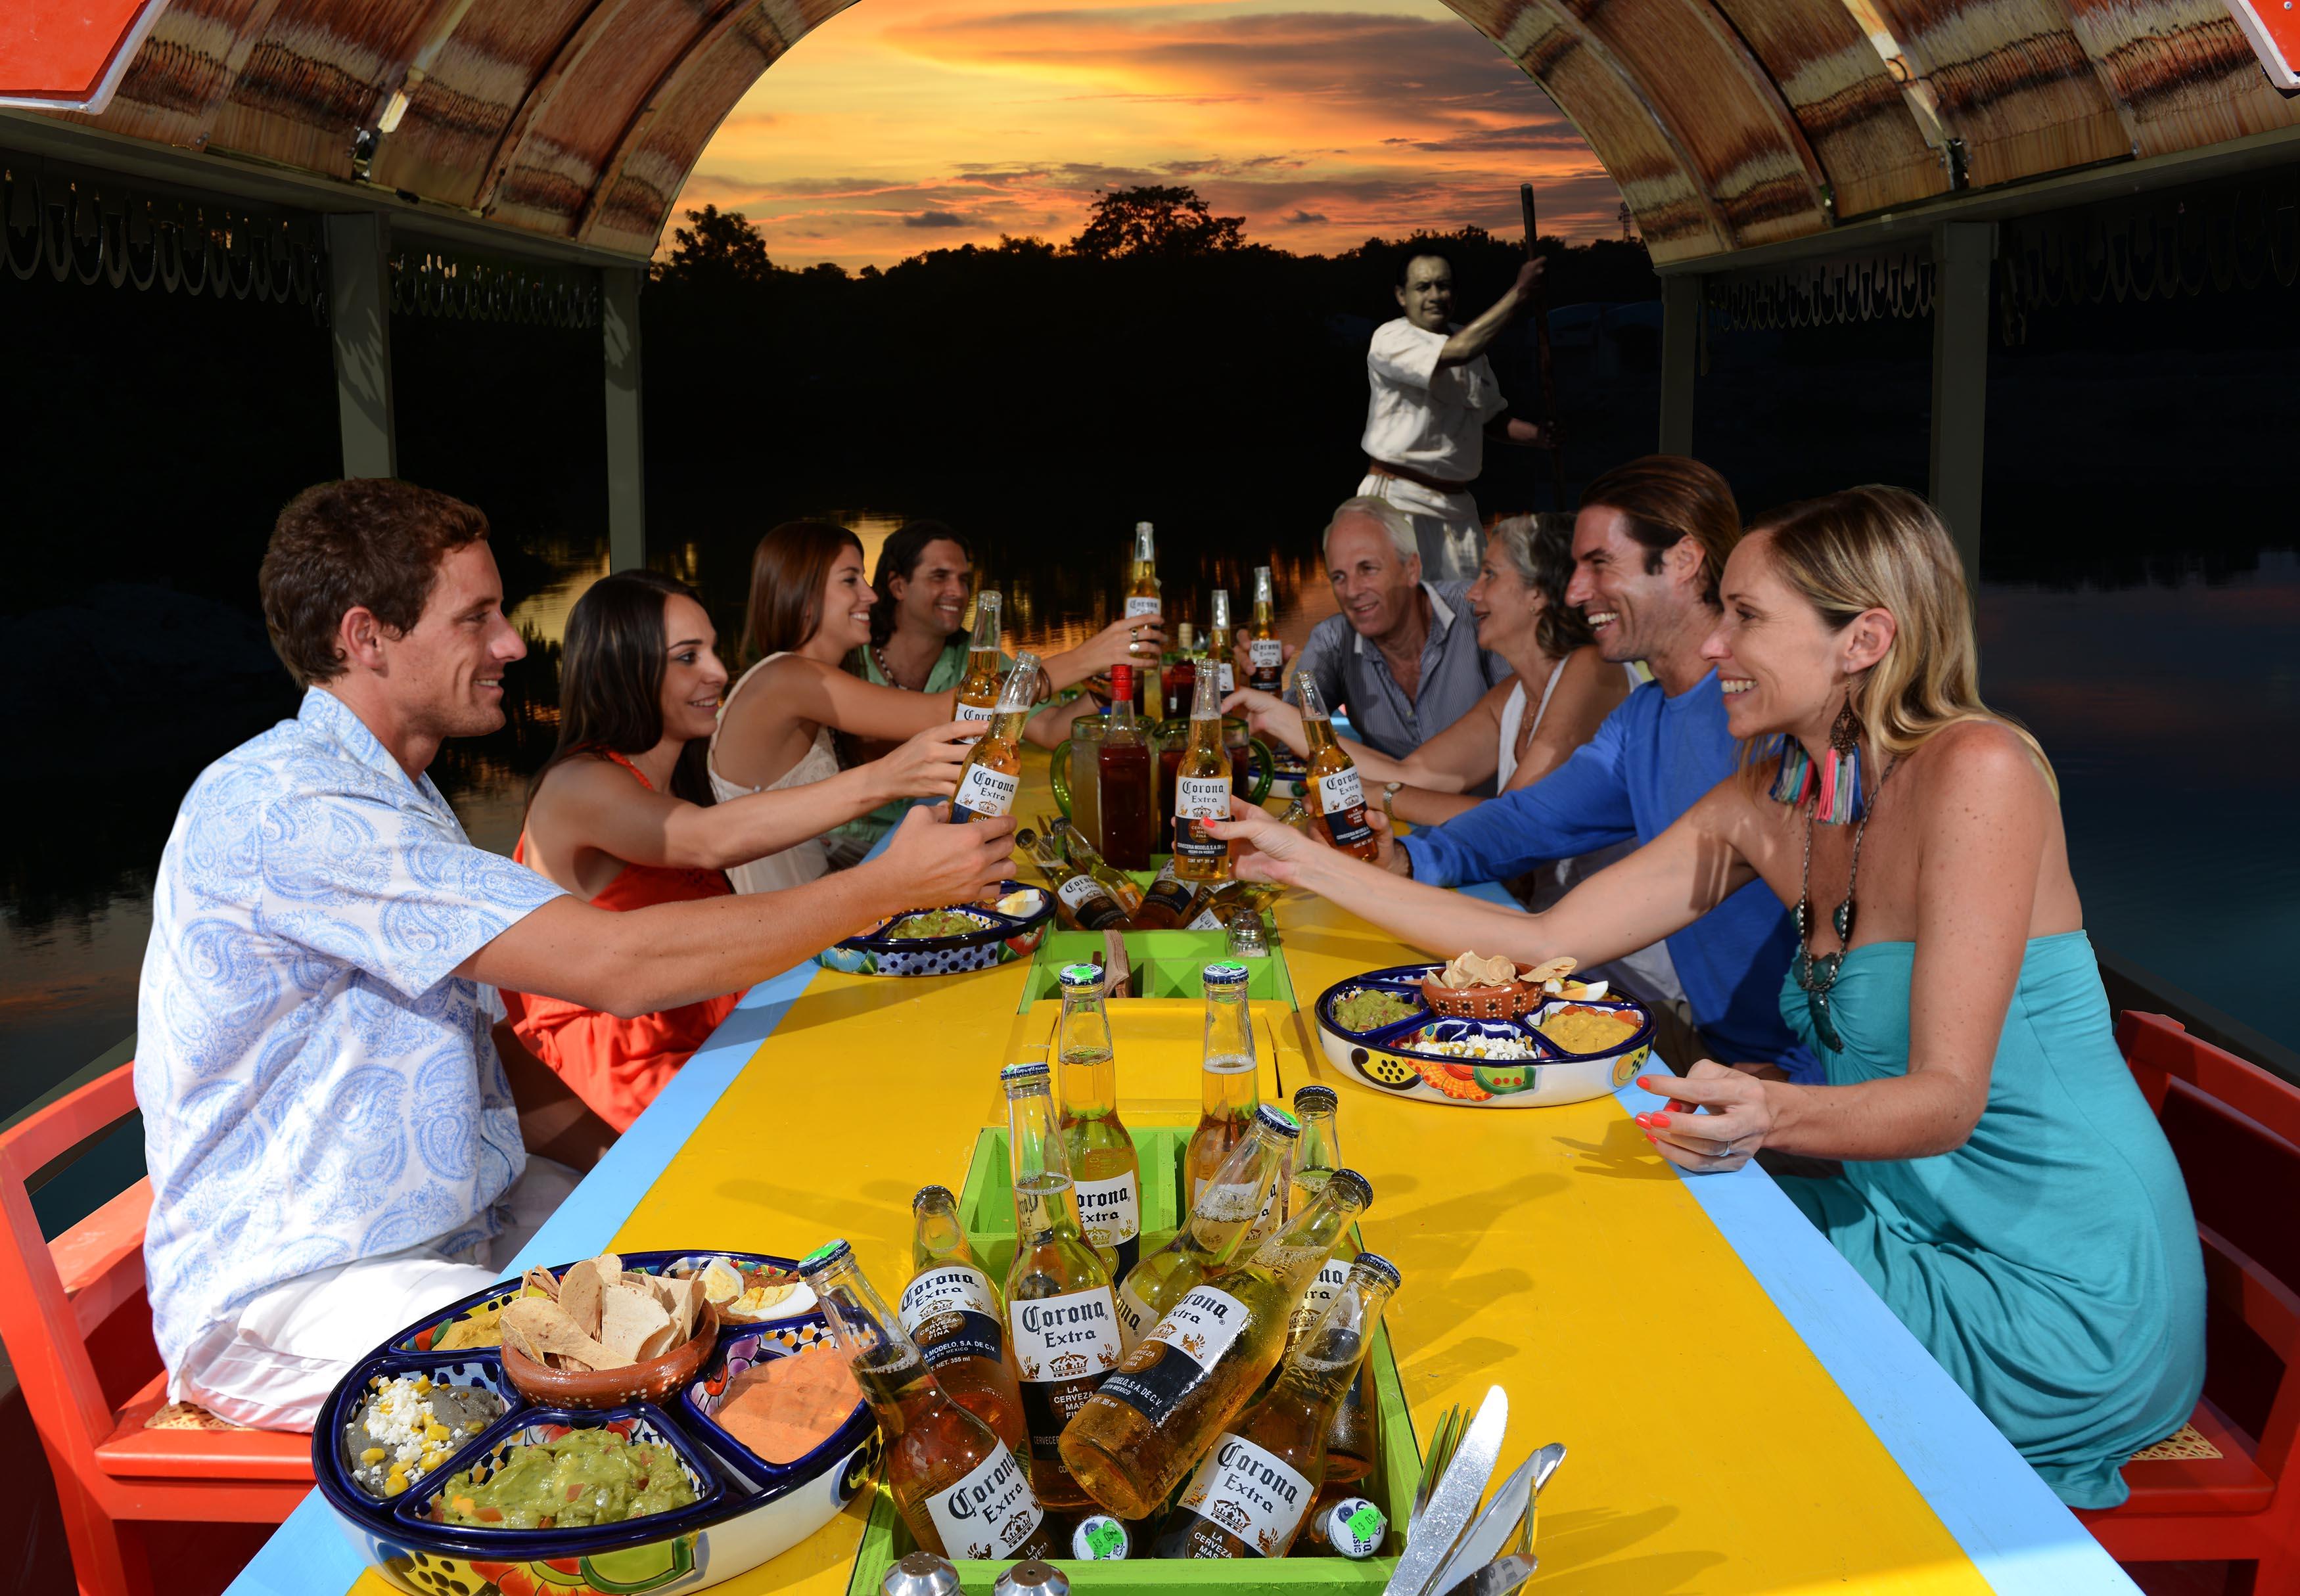 Photo courtesy of: vacacionesespeciales.com